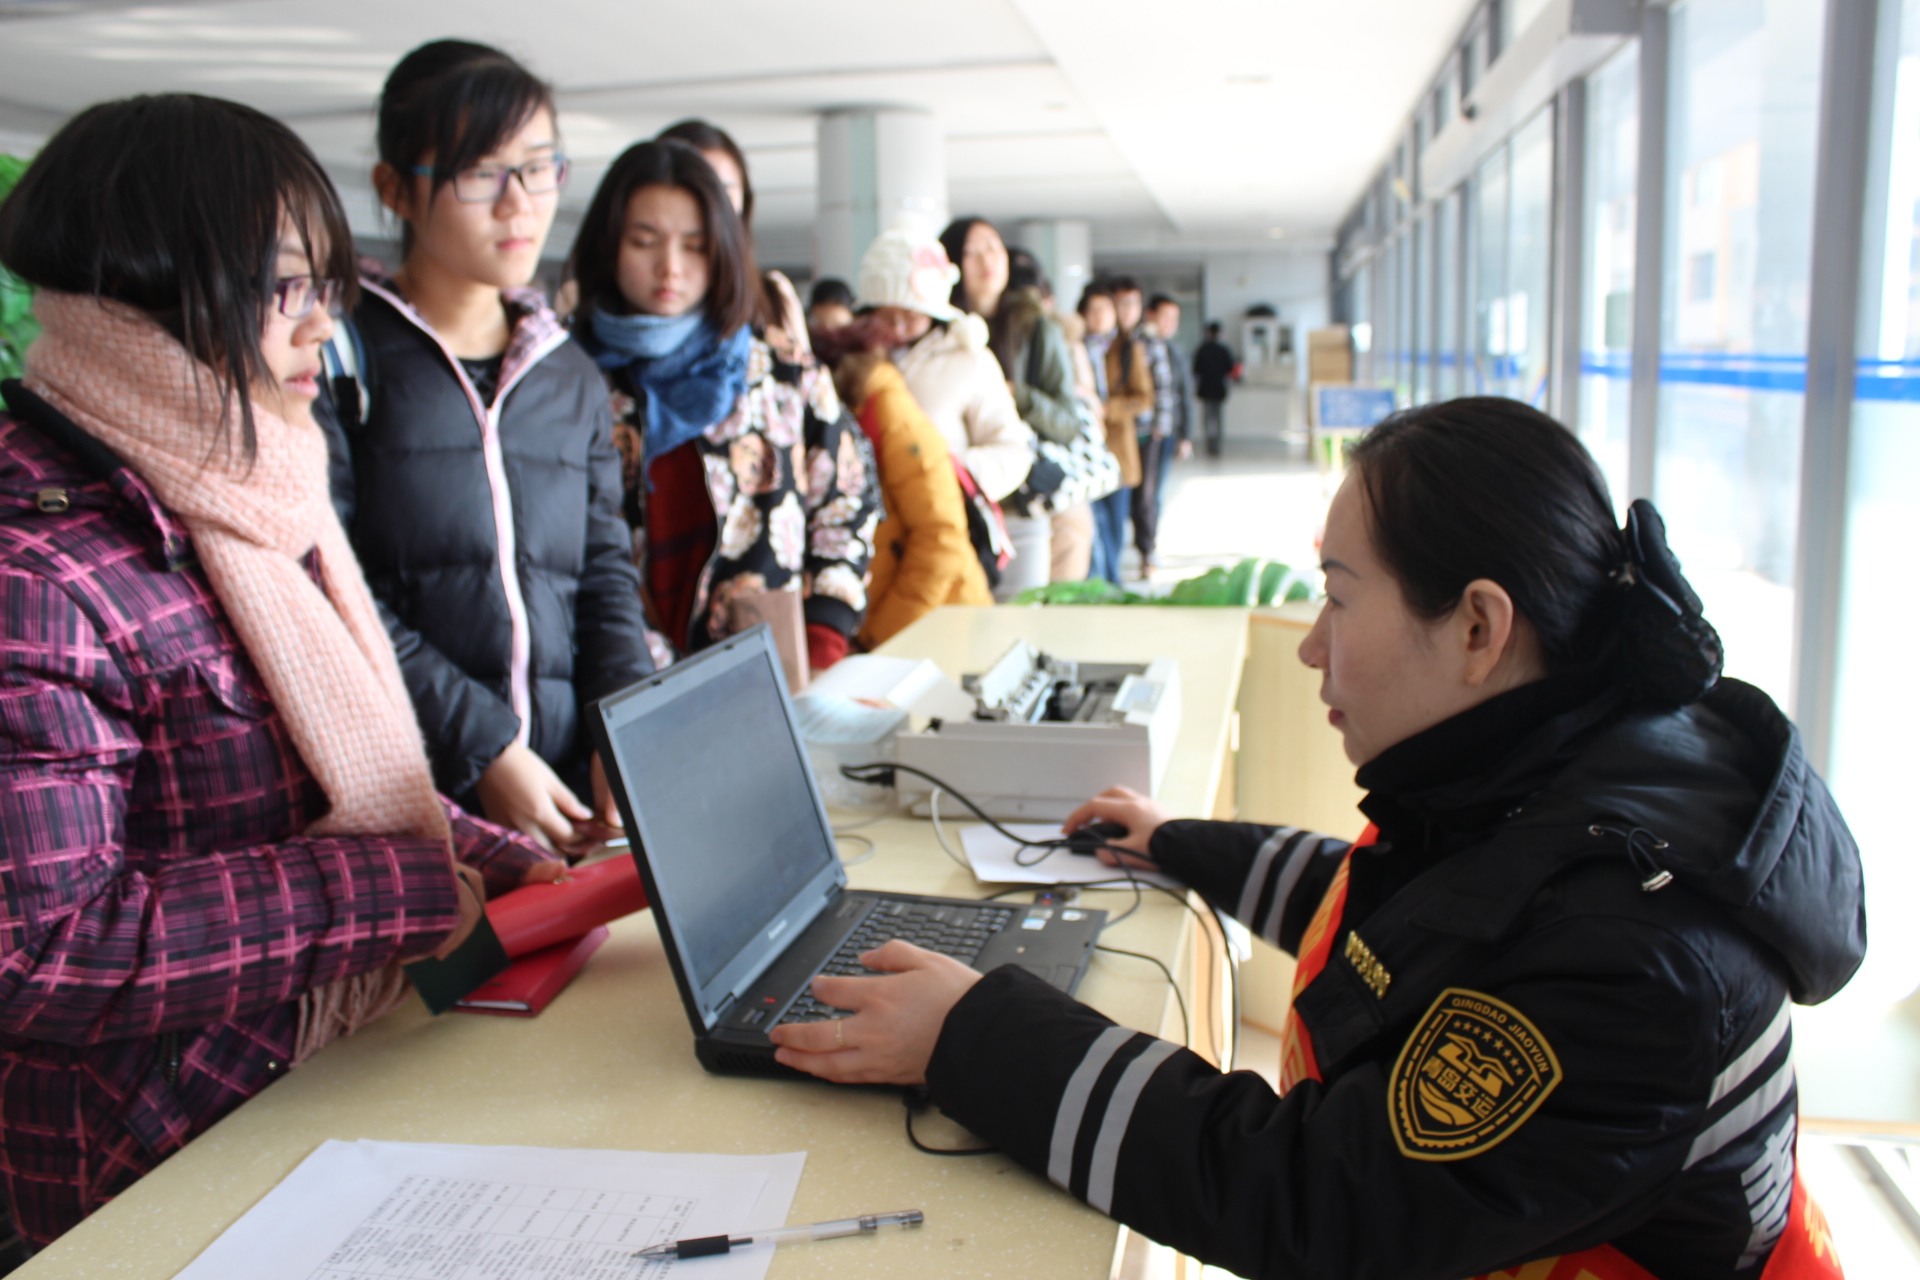 青岛长途站售票进校园活动开始 下周迎来学生客流高峰